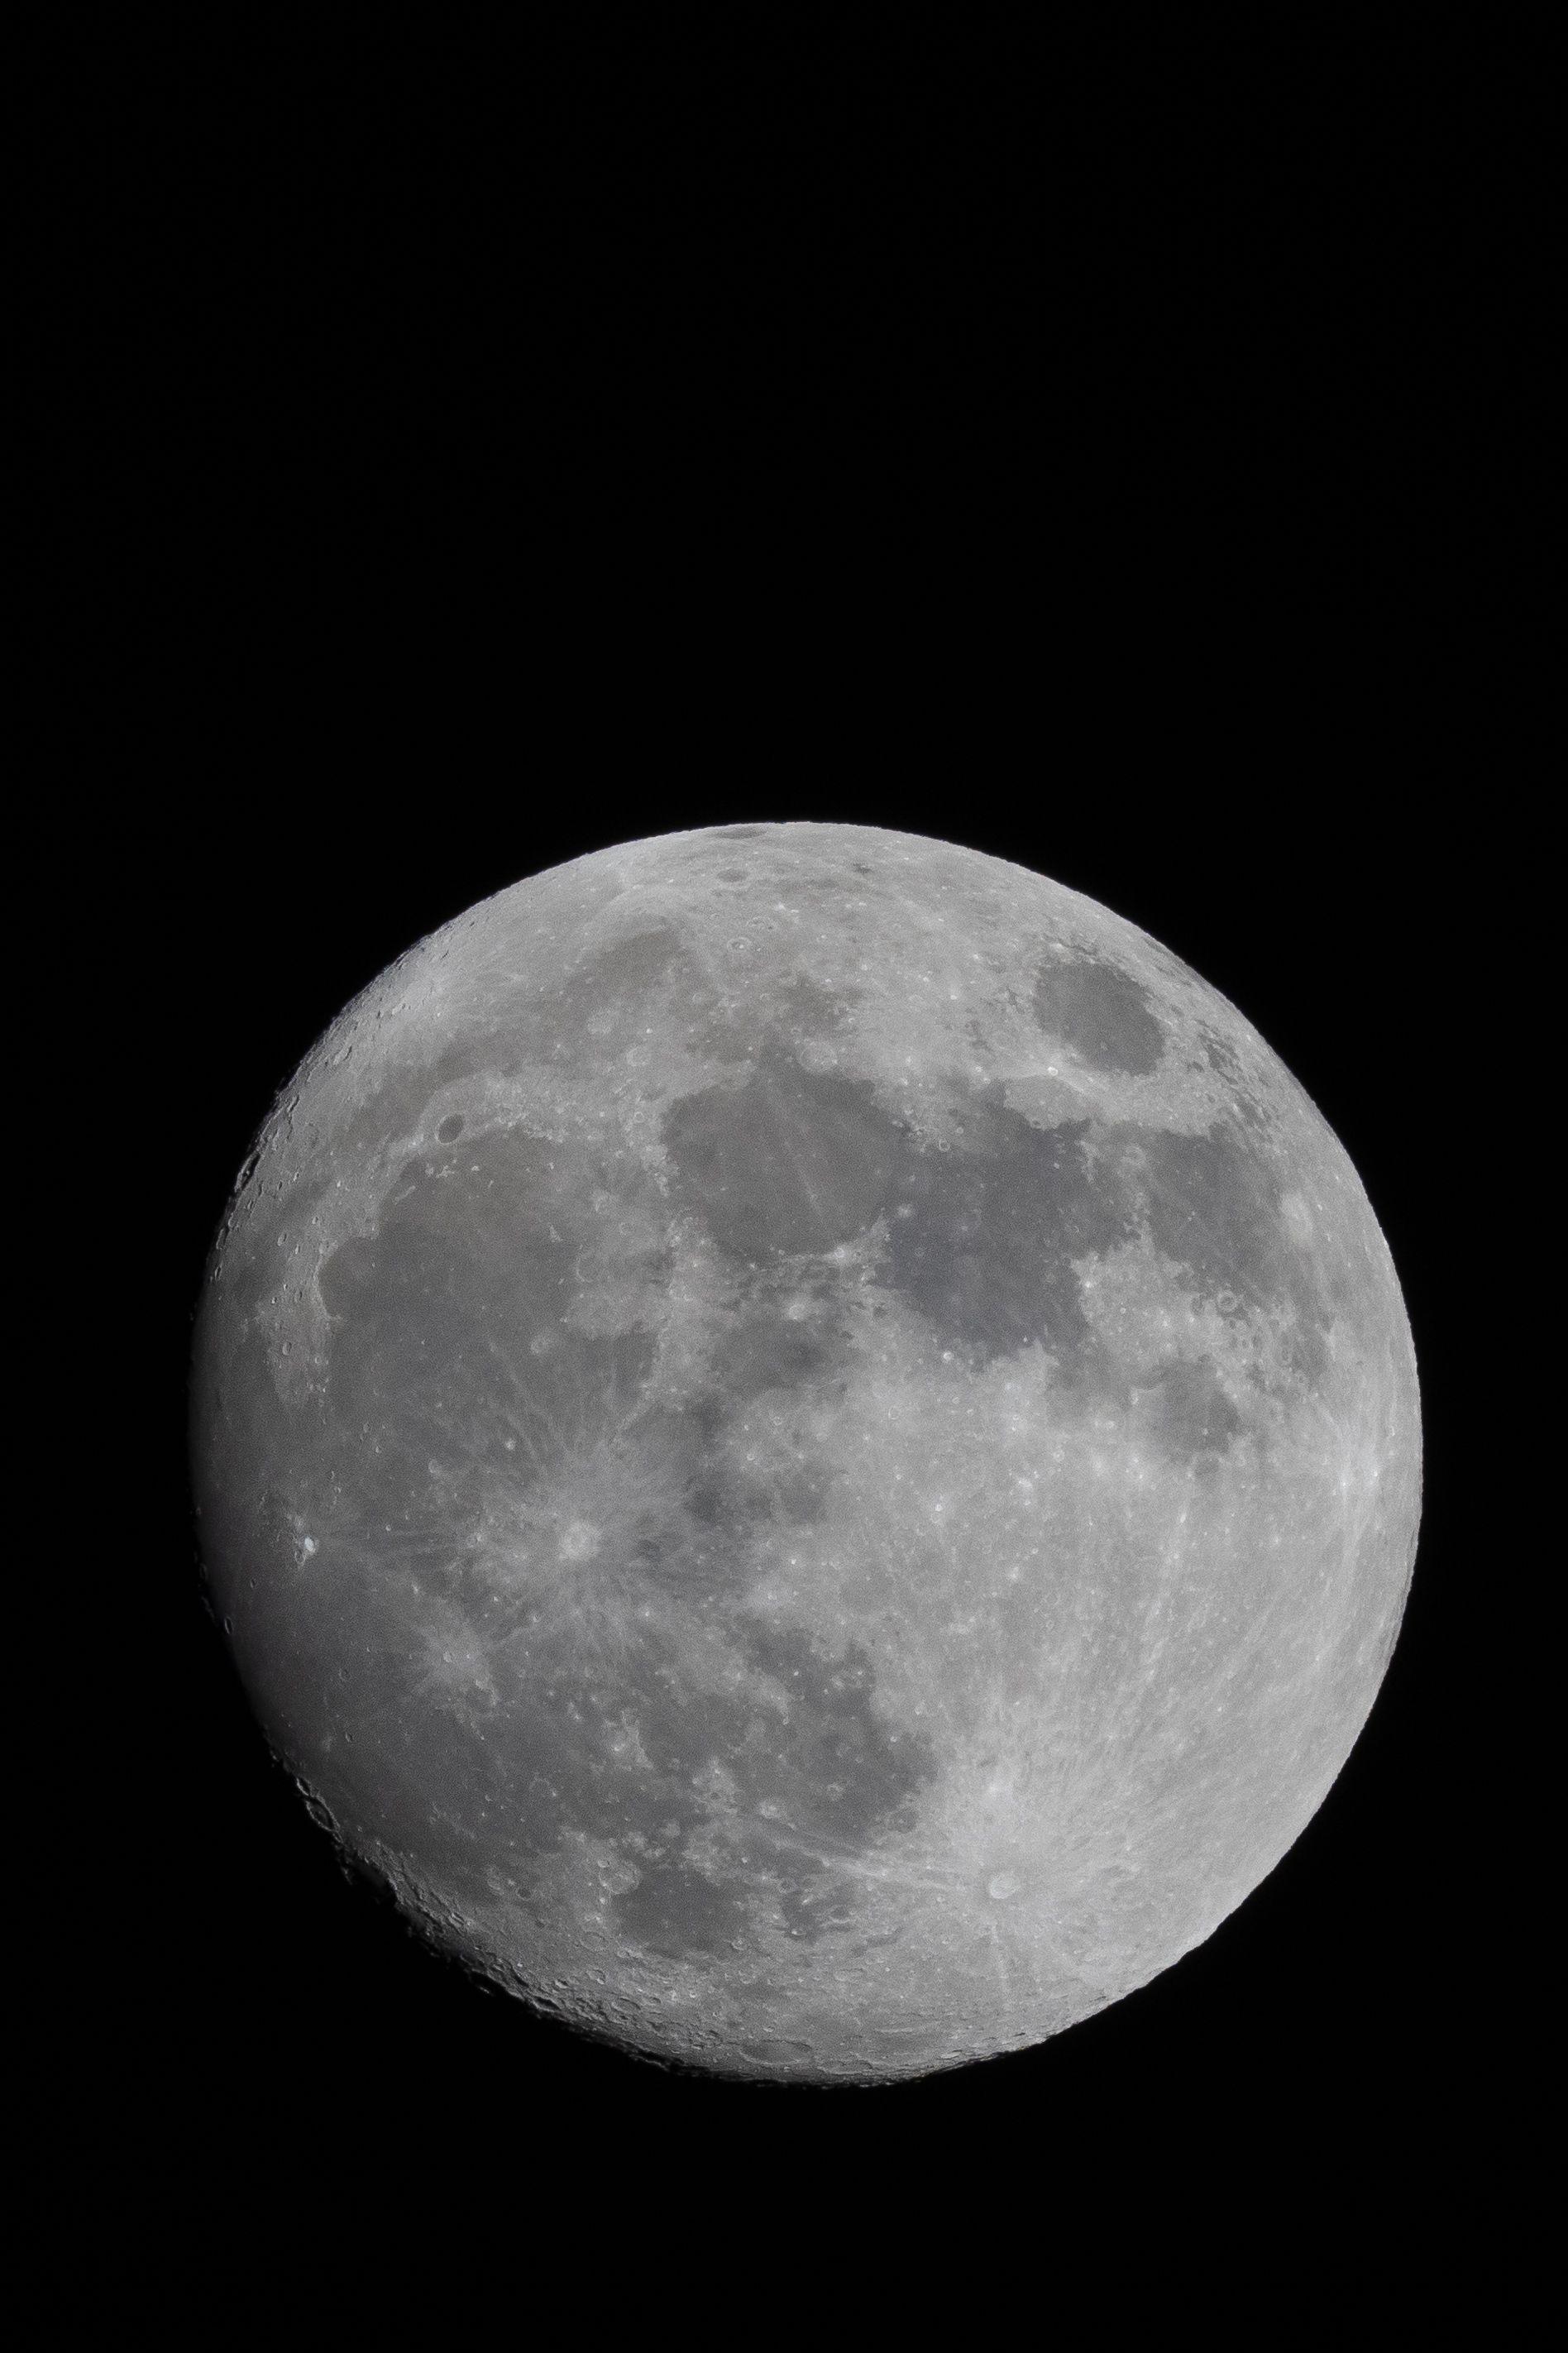 """「嫦娥五号探测器总设计师」嫦娥五号探测器成功实施""""刹车""""制动,顺利进入环月轨道飞行"""